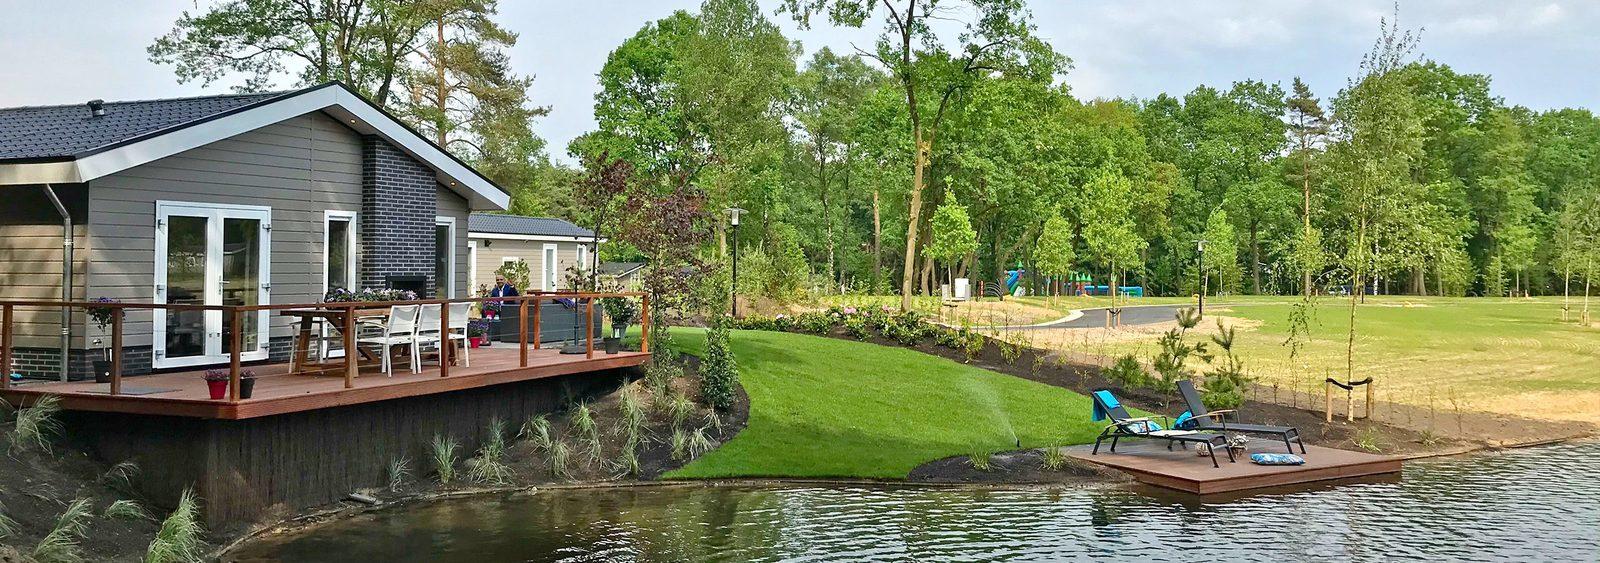 Parc de vacances près d'Apeldoorn